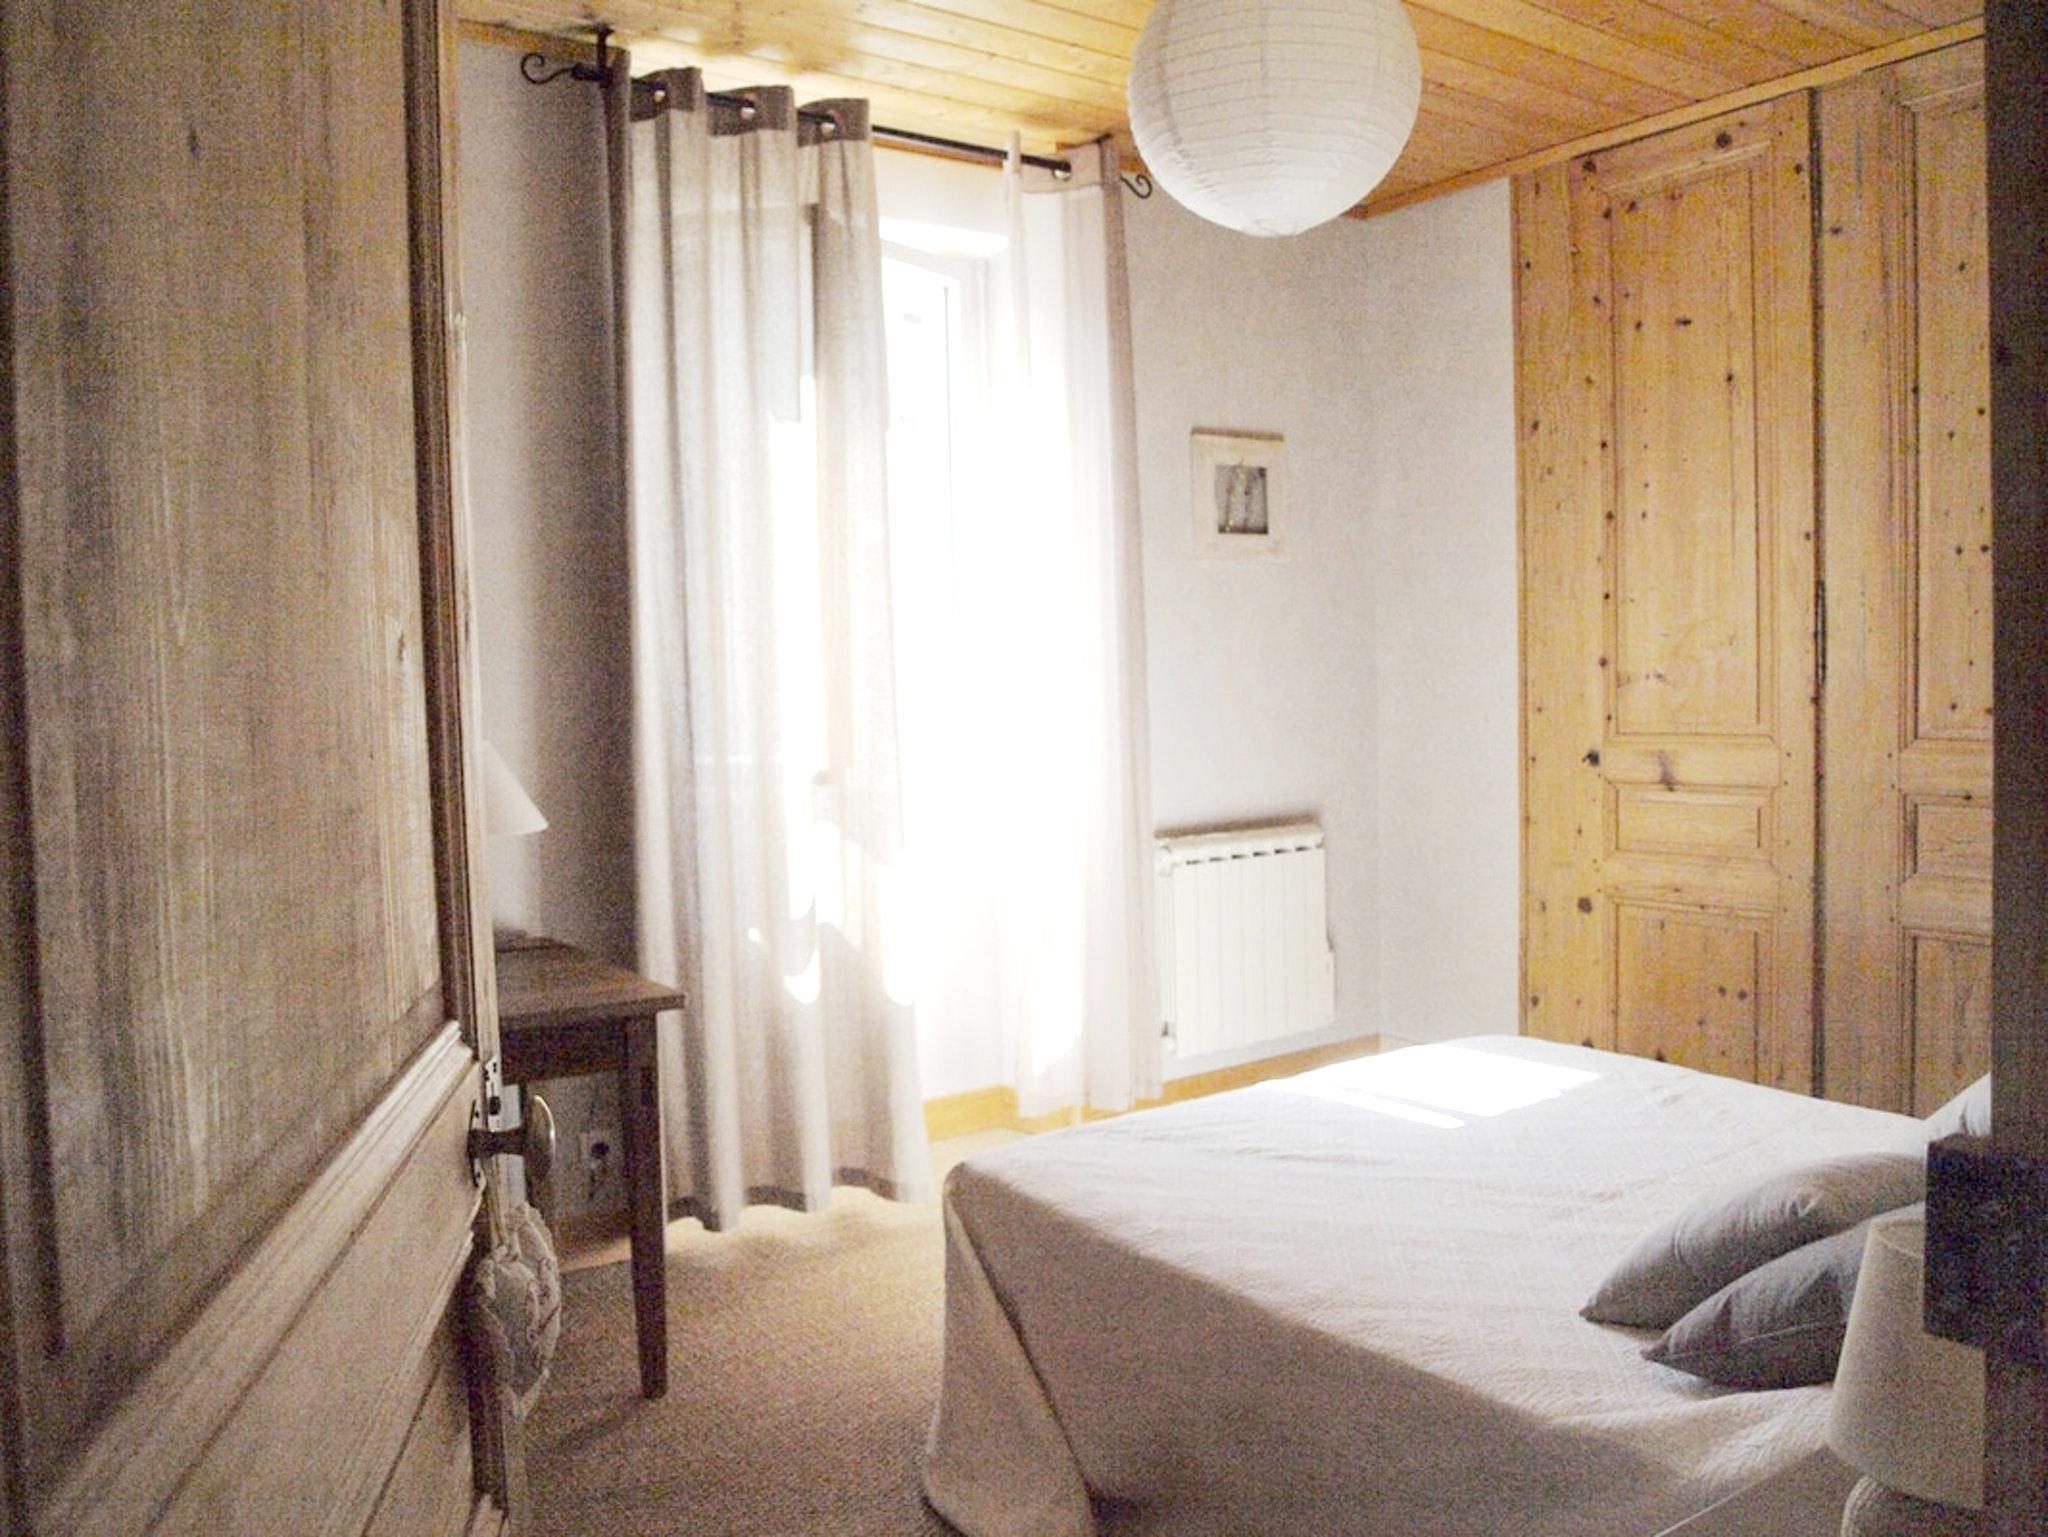 Maison de vacances Haus mit 2 Schlafzimmern in Villard-Saint-Sauveur mit toller Aussicht auf die Berge und ei (2704040), Villard sur Bienne, Jura, Franche-Comté, France, image 14